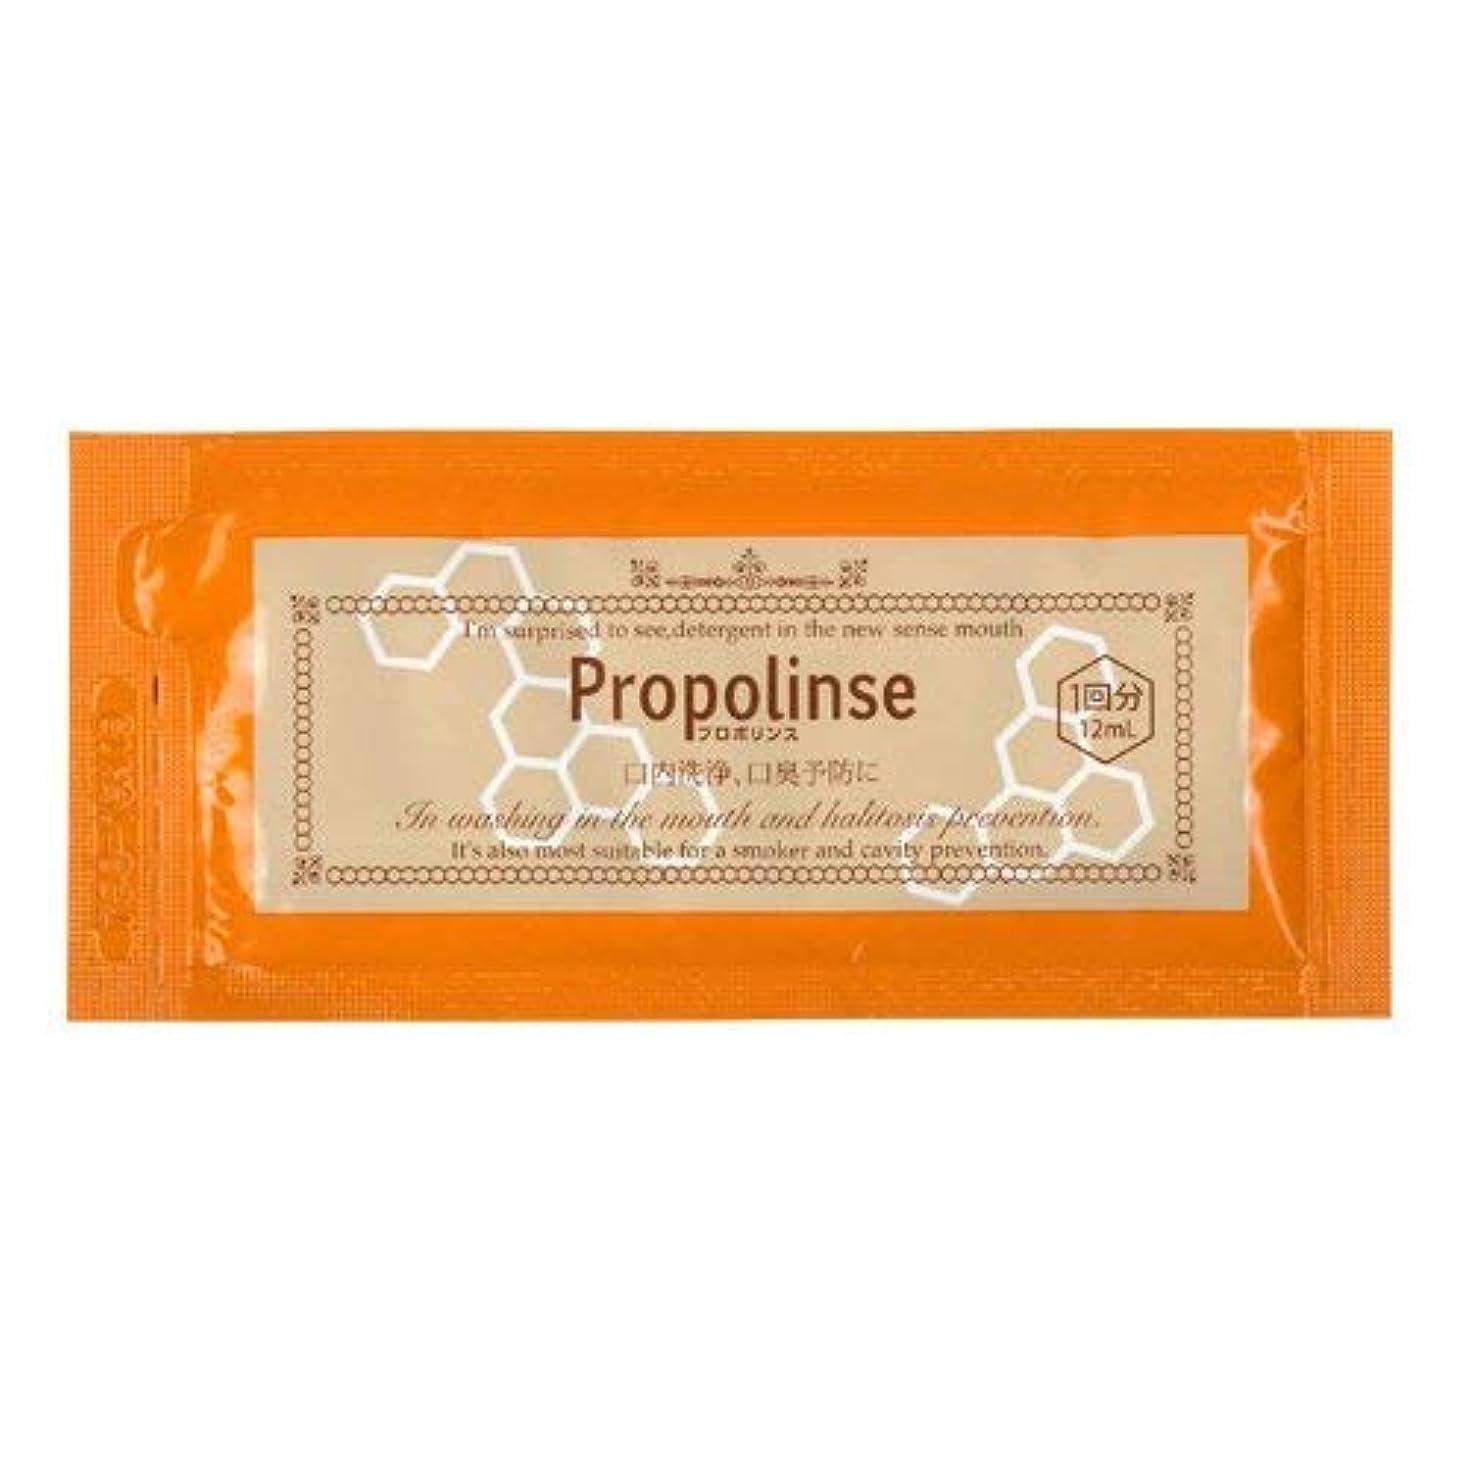 プロポリンス ハンディパウチ 12ml×40袋